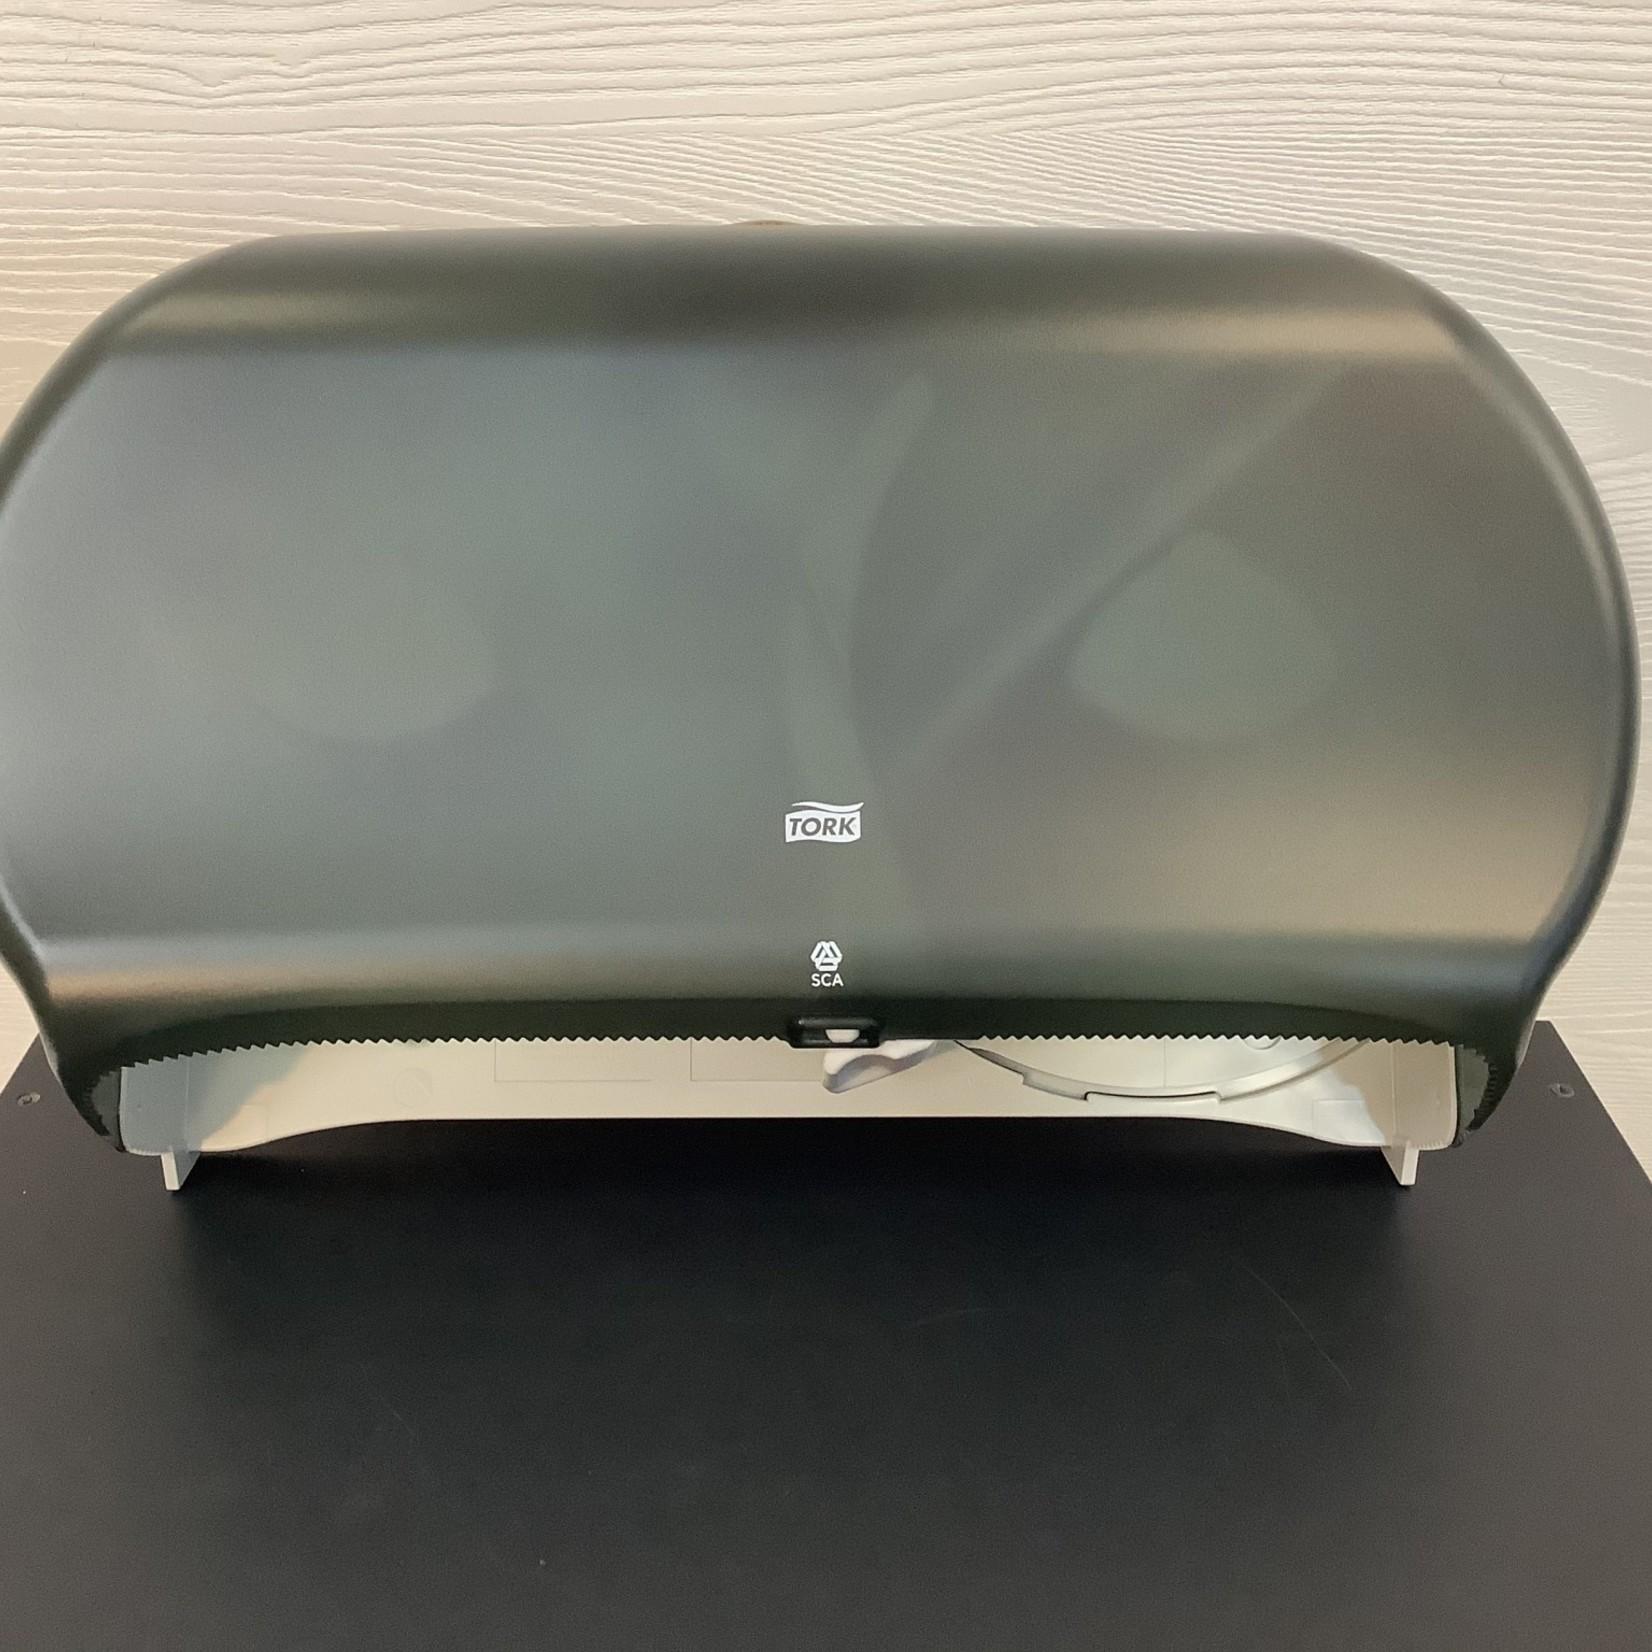 Commercial Regular Bathroom Tissue Dispenser